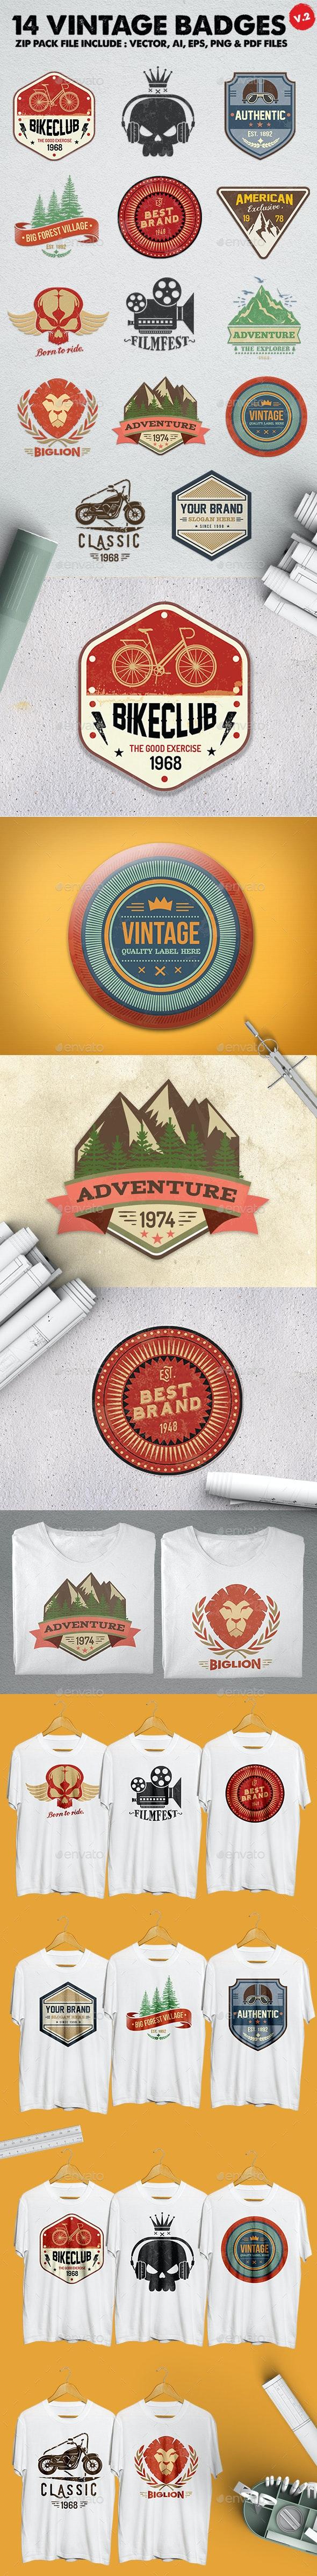 14 Vintage Badges & Logo Version 2 - Badges & Stickers Web Elements